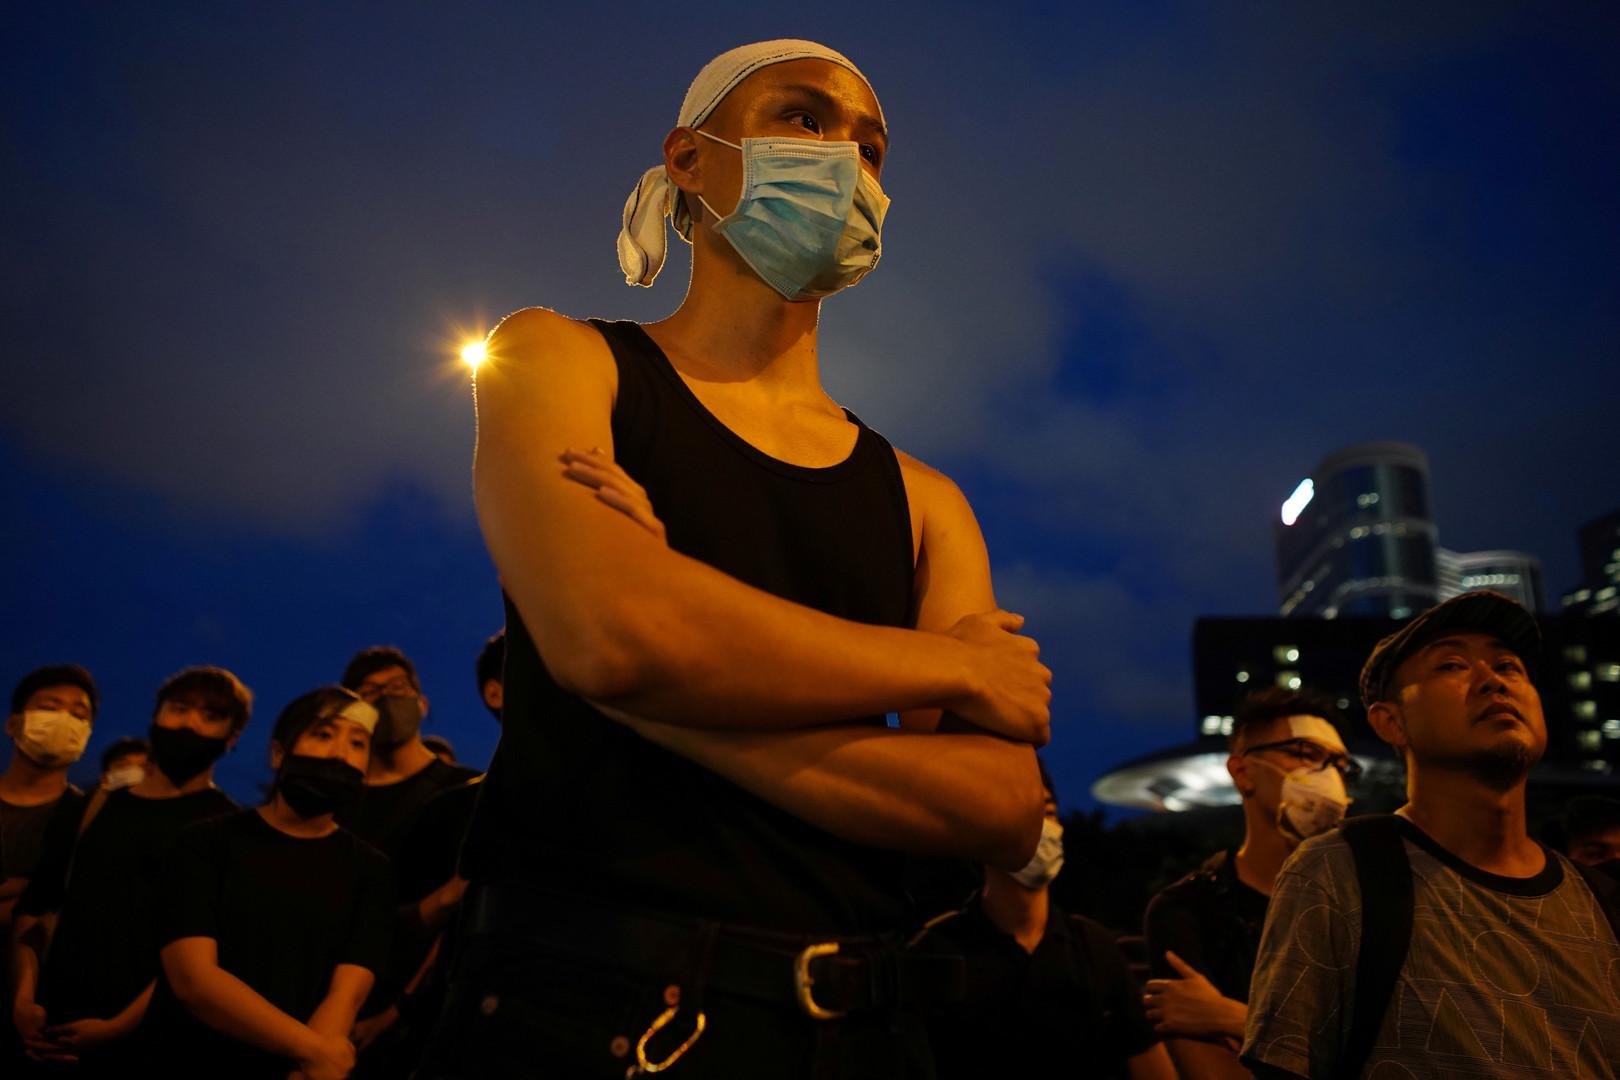 احتجاجات هونغ كونغ: واشنطن تلوّح بورقة حقوق الإنسان في وجه الصين